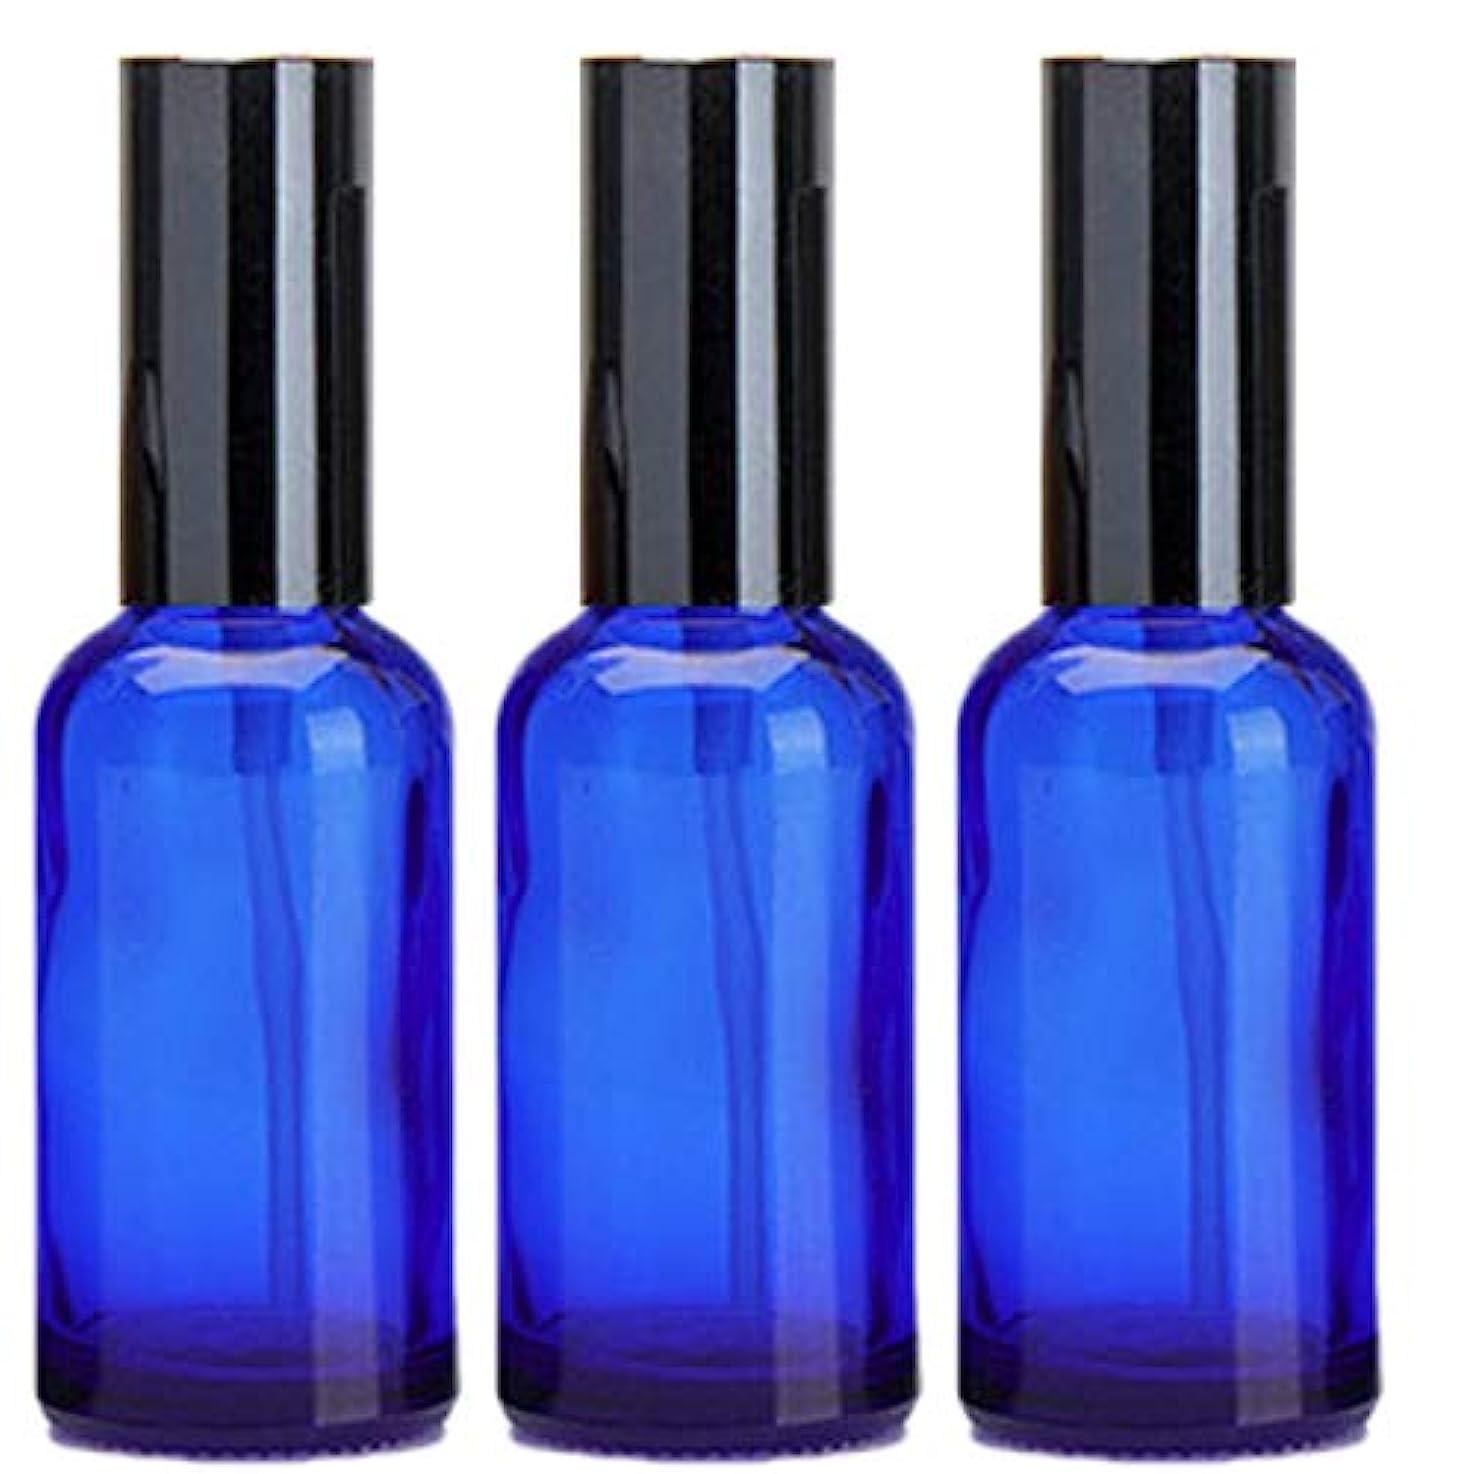 偽装する合理化カメラ乳液 ボトル 3本セット クリーム容器 アロマクリーム ハンドクリーム 遮光瓶 ガラス 瓶 アロマ ボトル ビン 保存 詰替え 青色 ブルー (30m?3本)